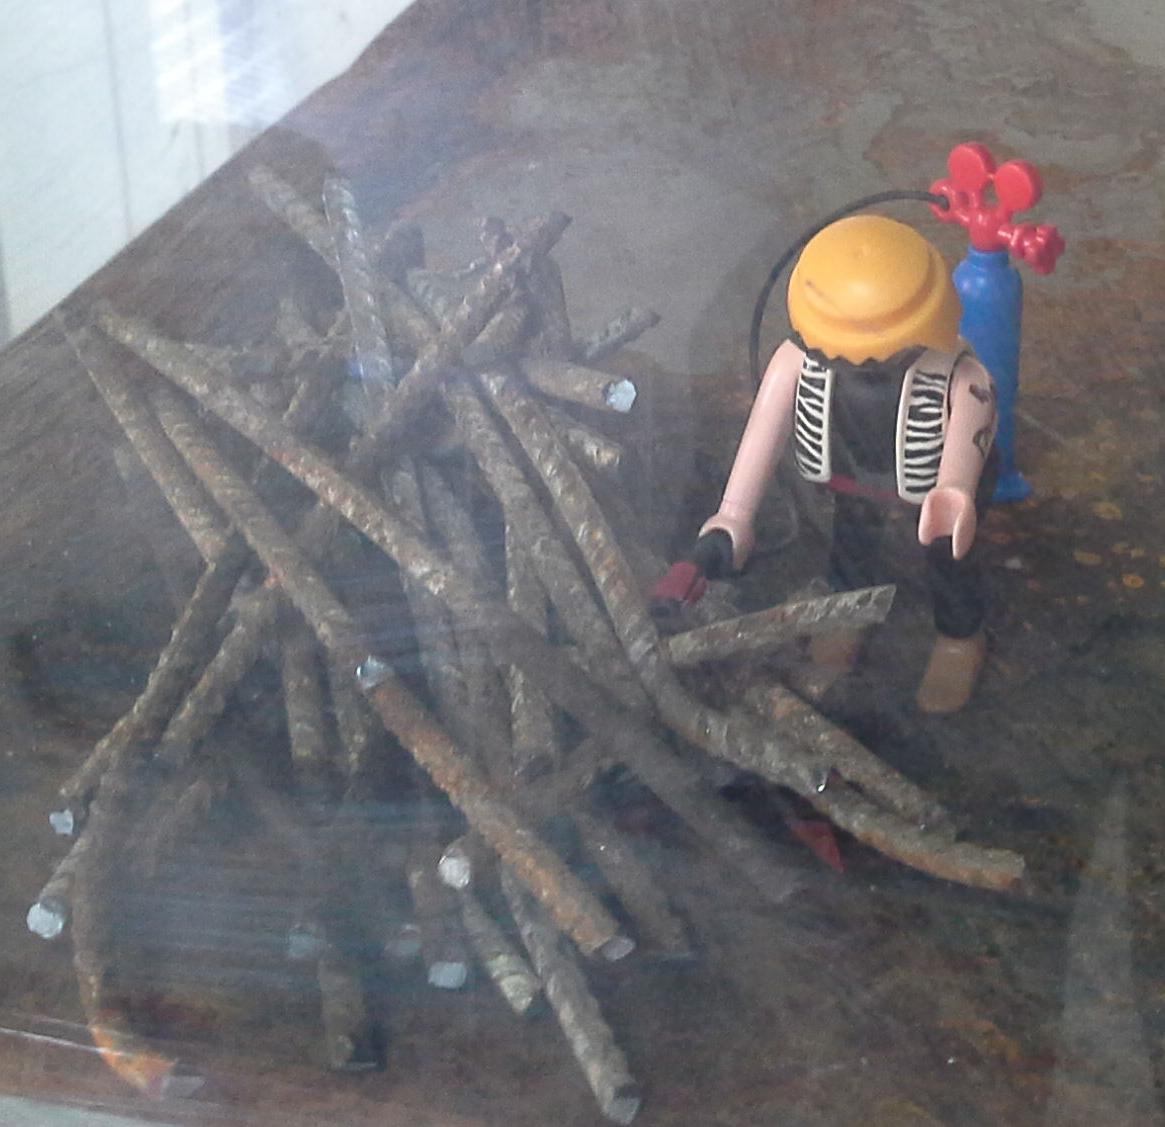 playmobil cortando con soplete en Chatarras Clemente